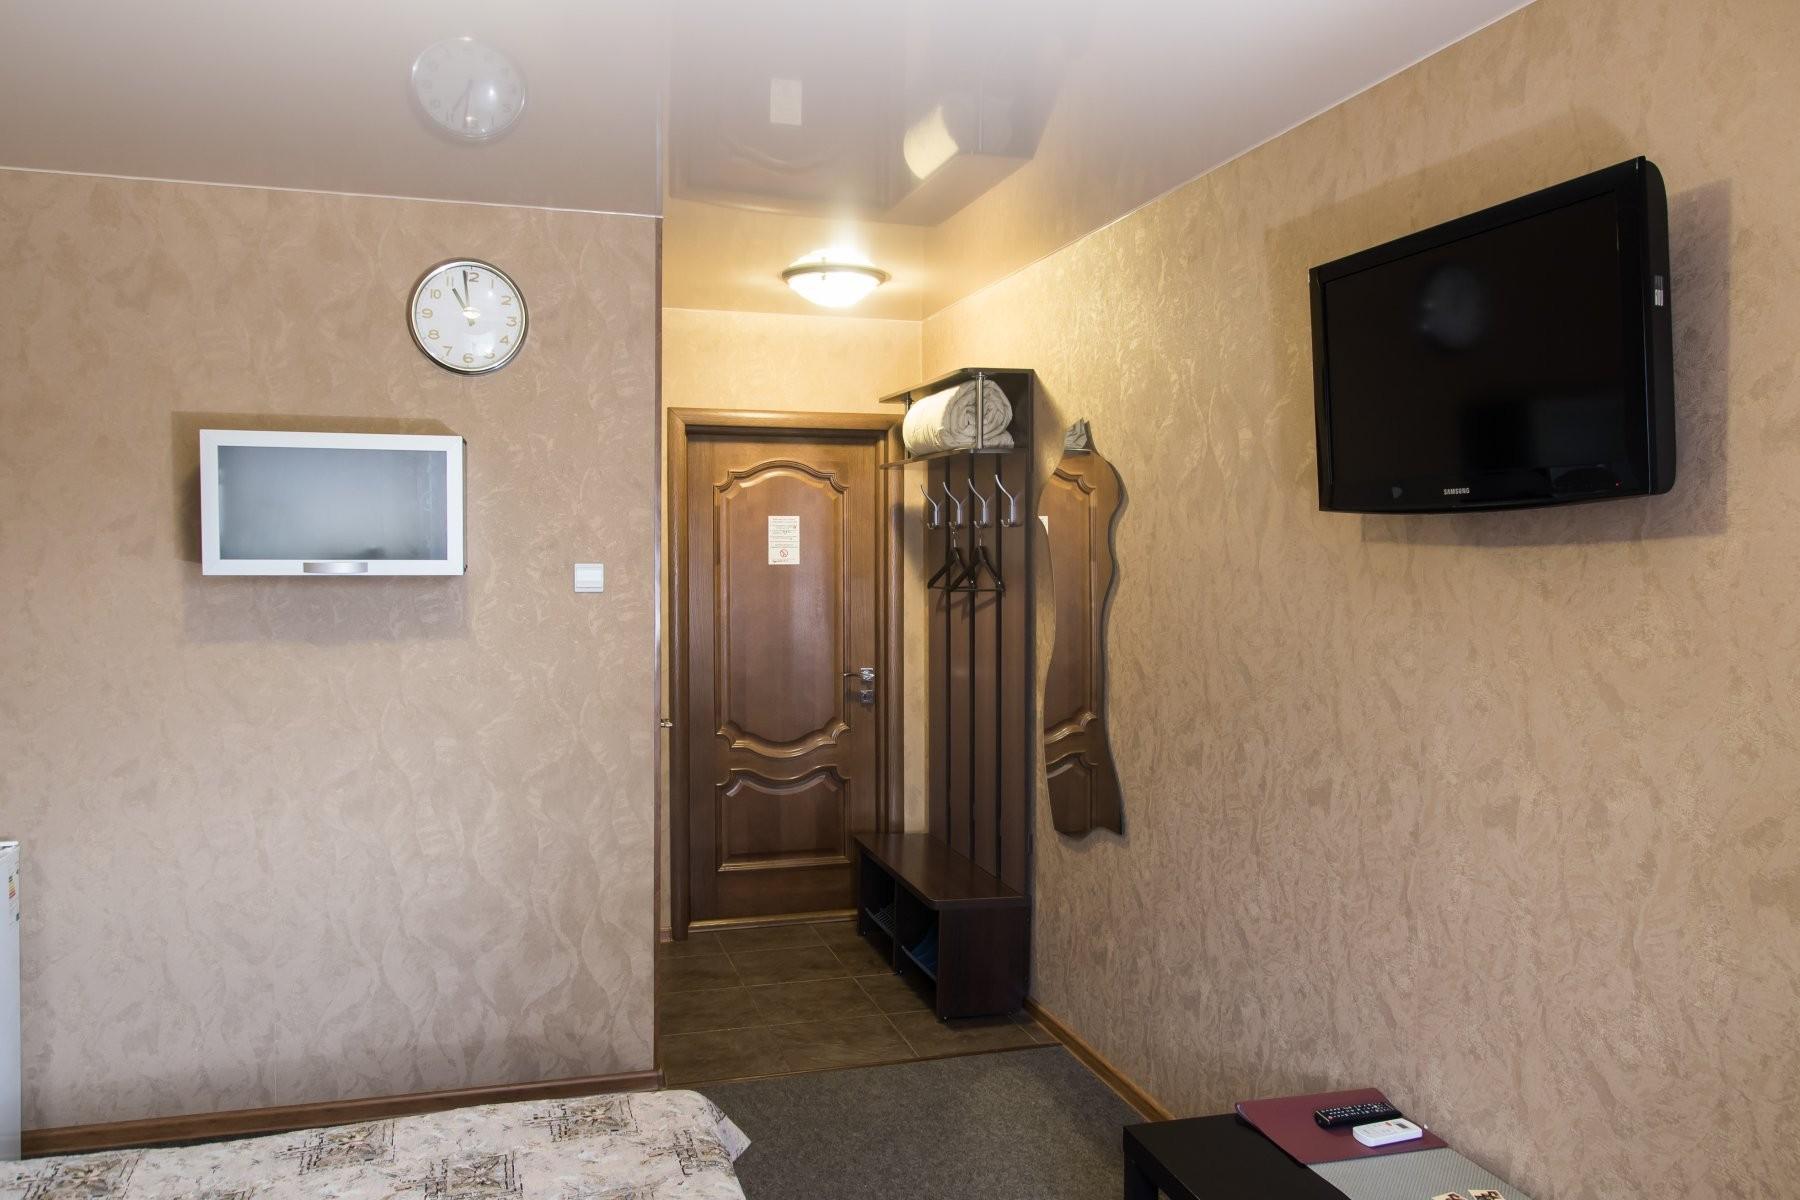 Шоколад, гостиничный комплекс - №69